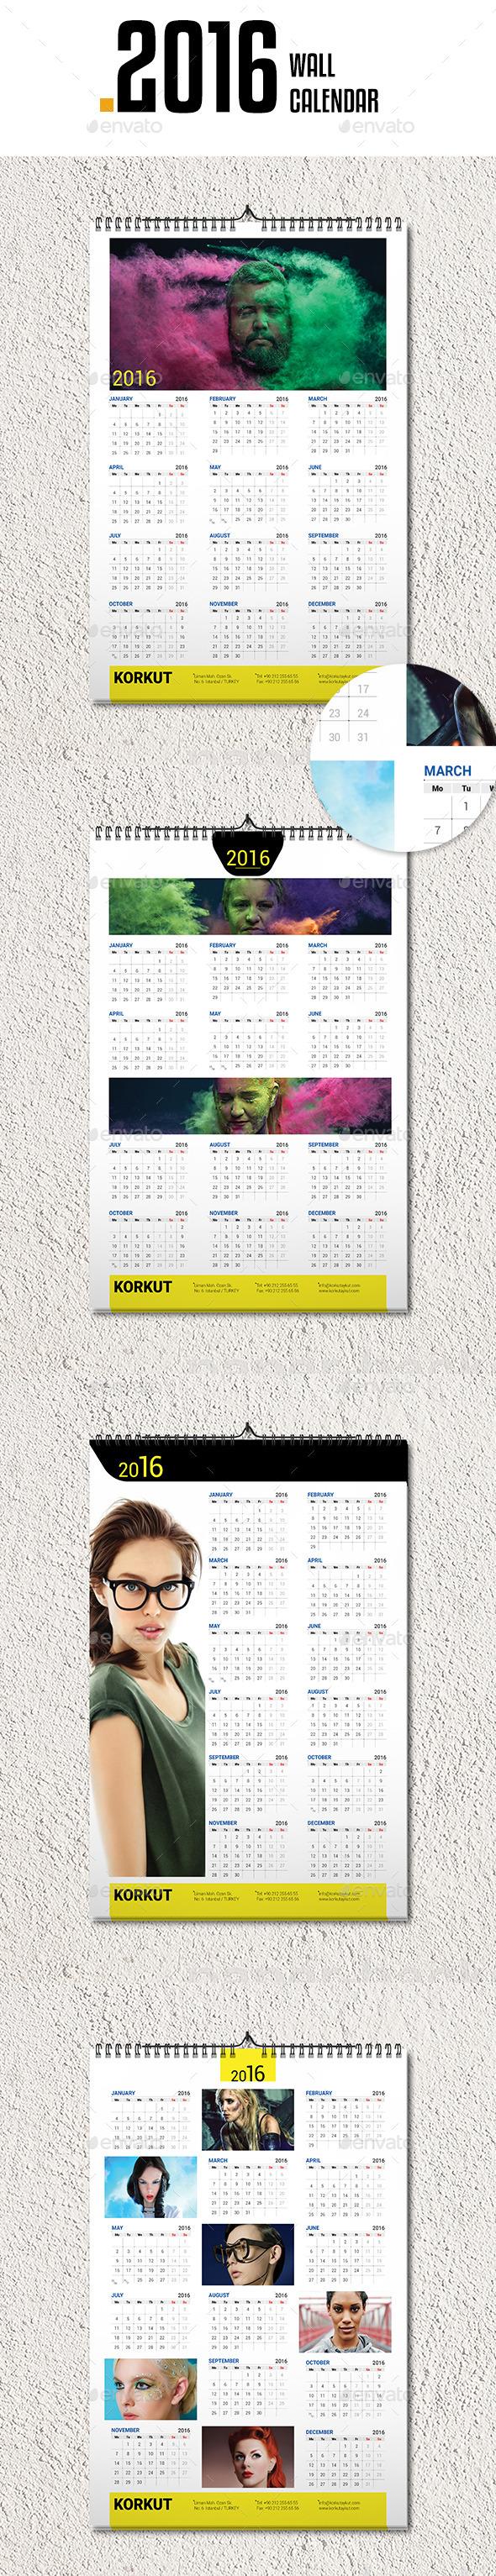 Wall Calendar 2016 v4